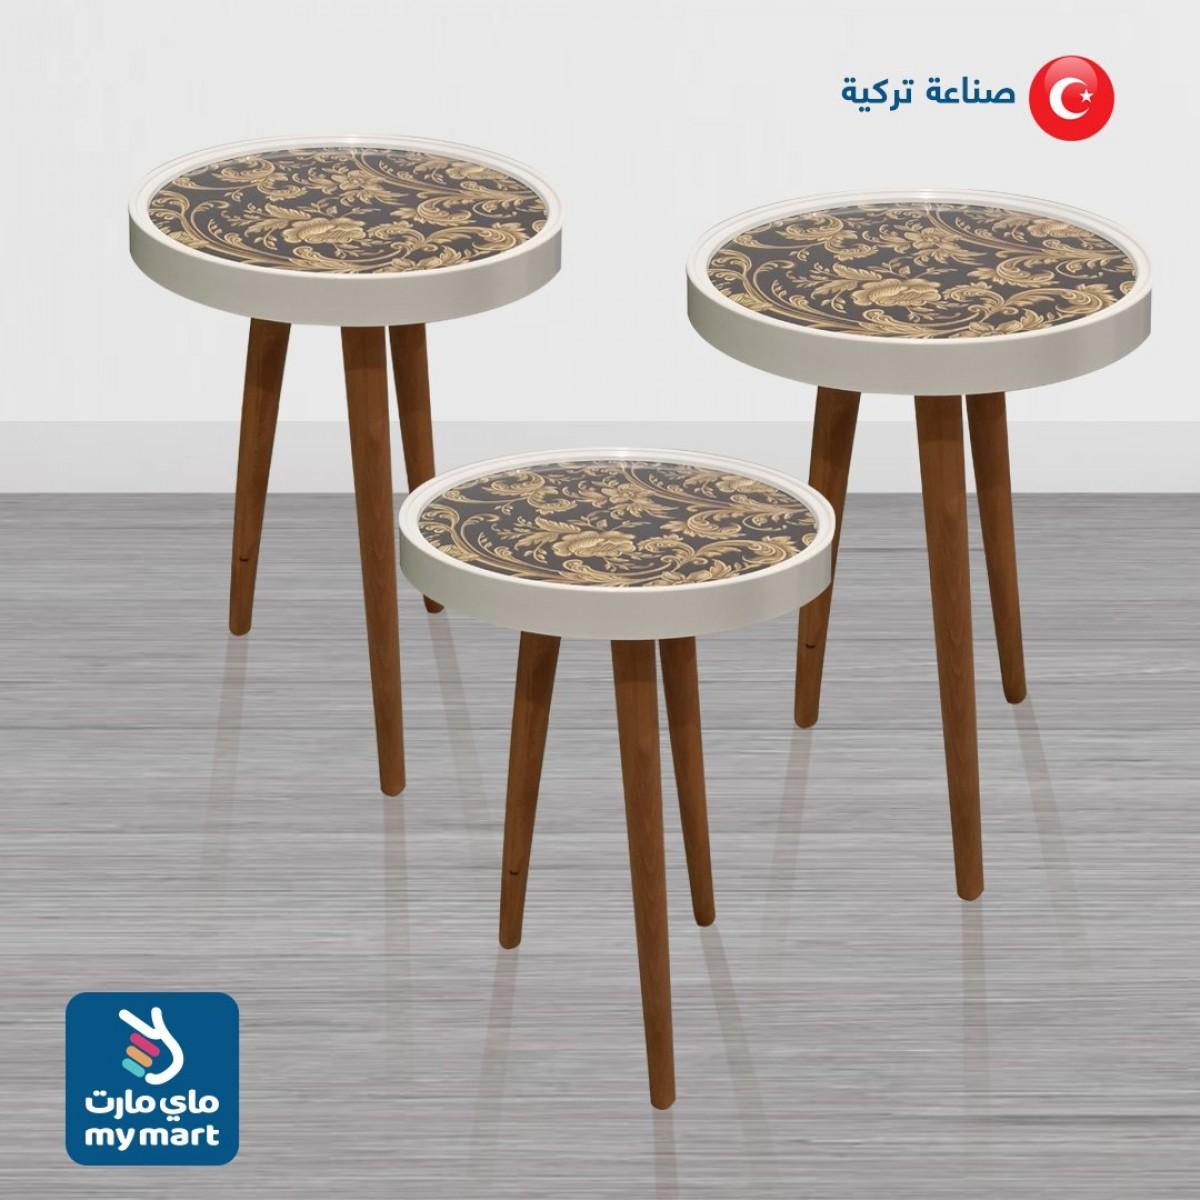 طاولة تقديم وخدمة خشب تركي 3 قطعة , 12035